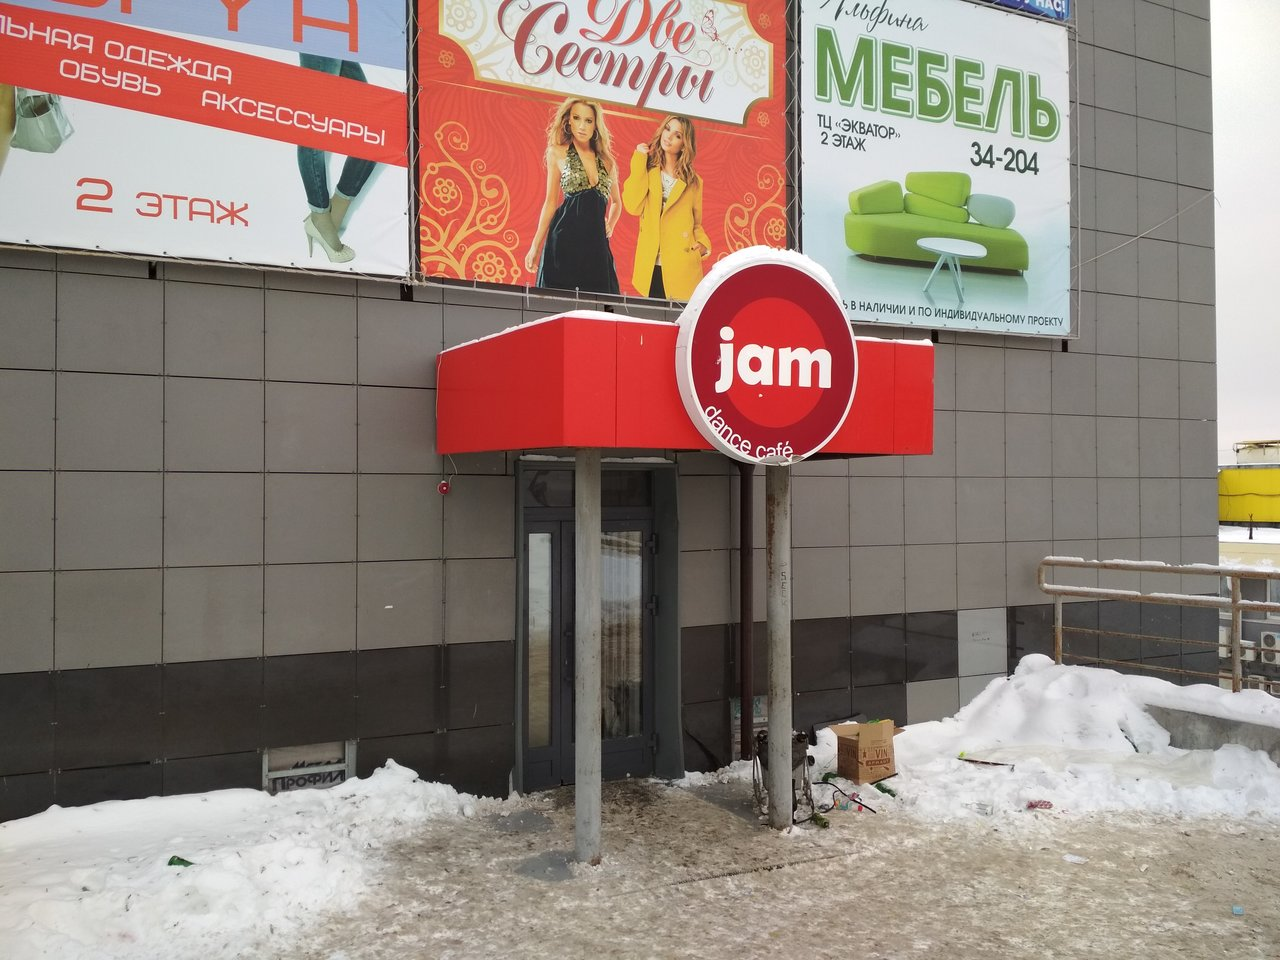 Соликамск ночной клуб джем ночной клуб титан в нижнекамске на